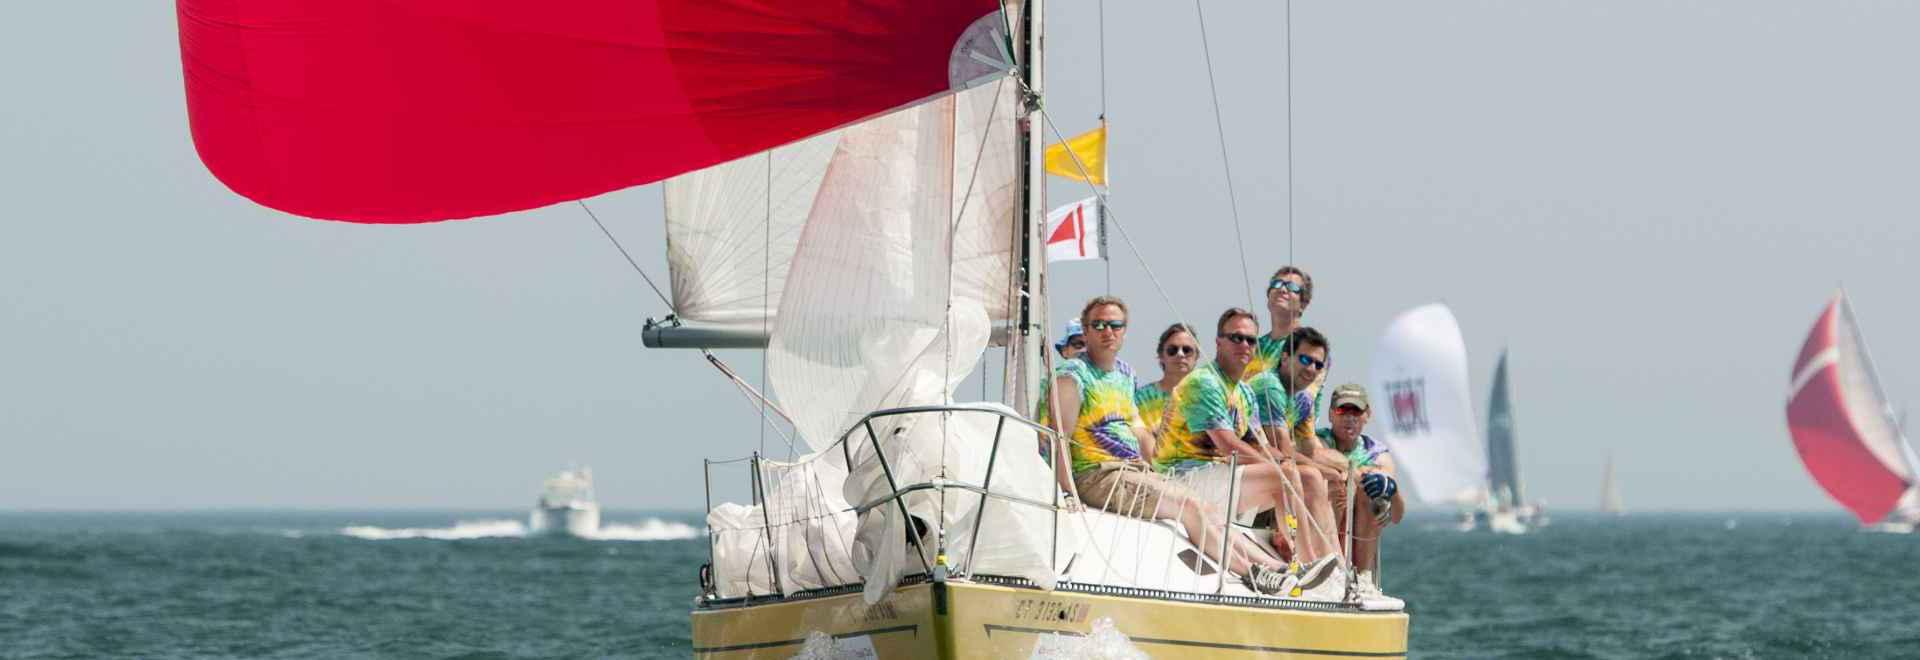 Chris Fesenmeyer, capitaine de San Juan 30 exprès d'air, un militaire de carrière de PHRF à la semaine de course d'Île de Block, dit que l'appel de PHRF est que chacun a leur jour. ? Nous mettons ?...